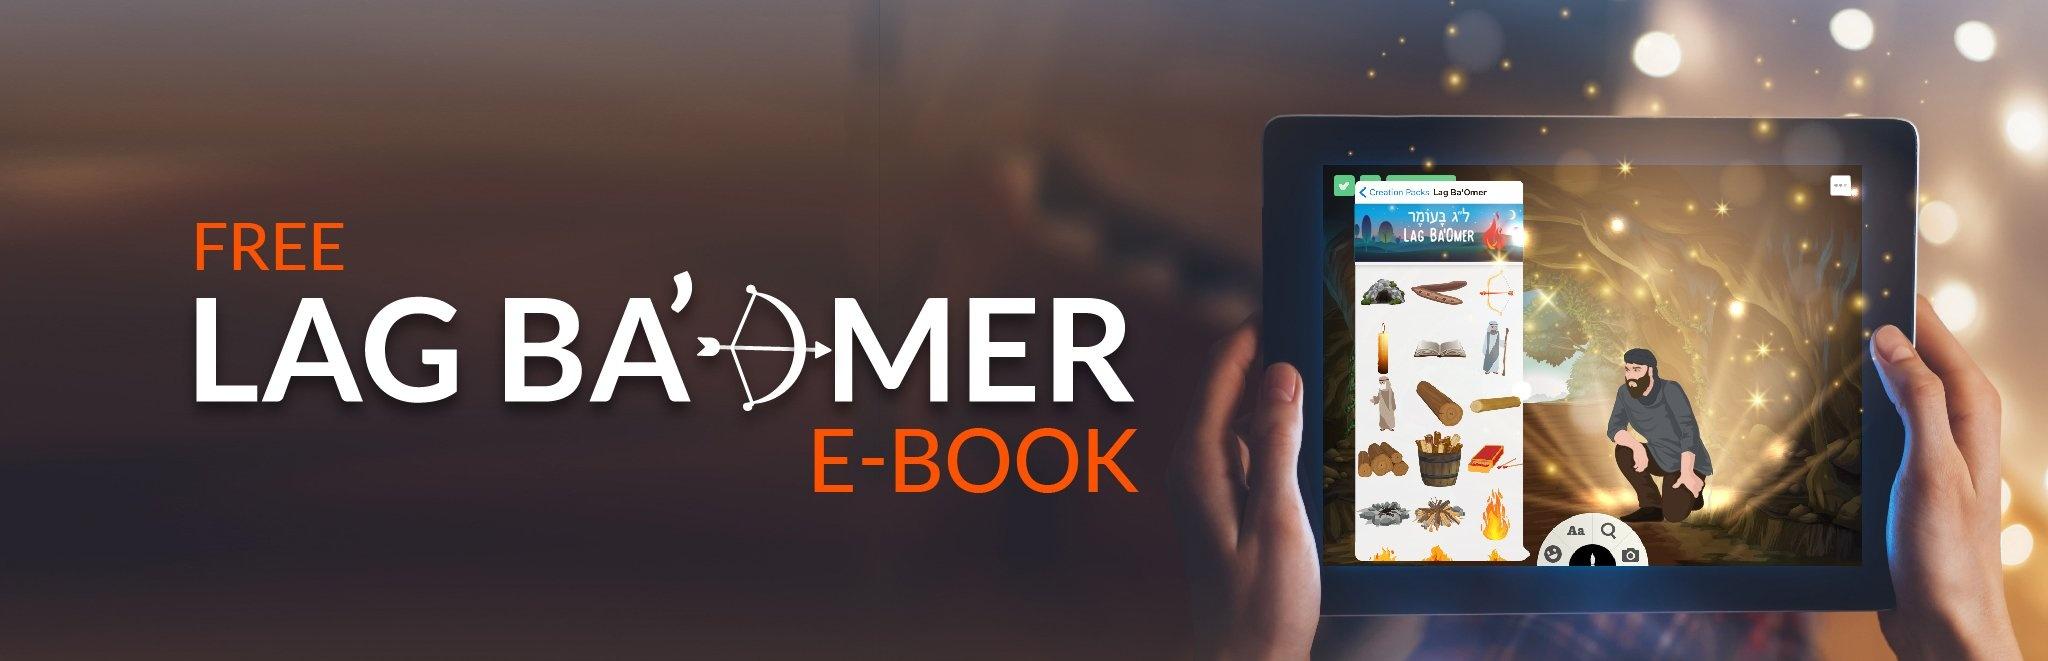 Lag Baomer E-book